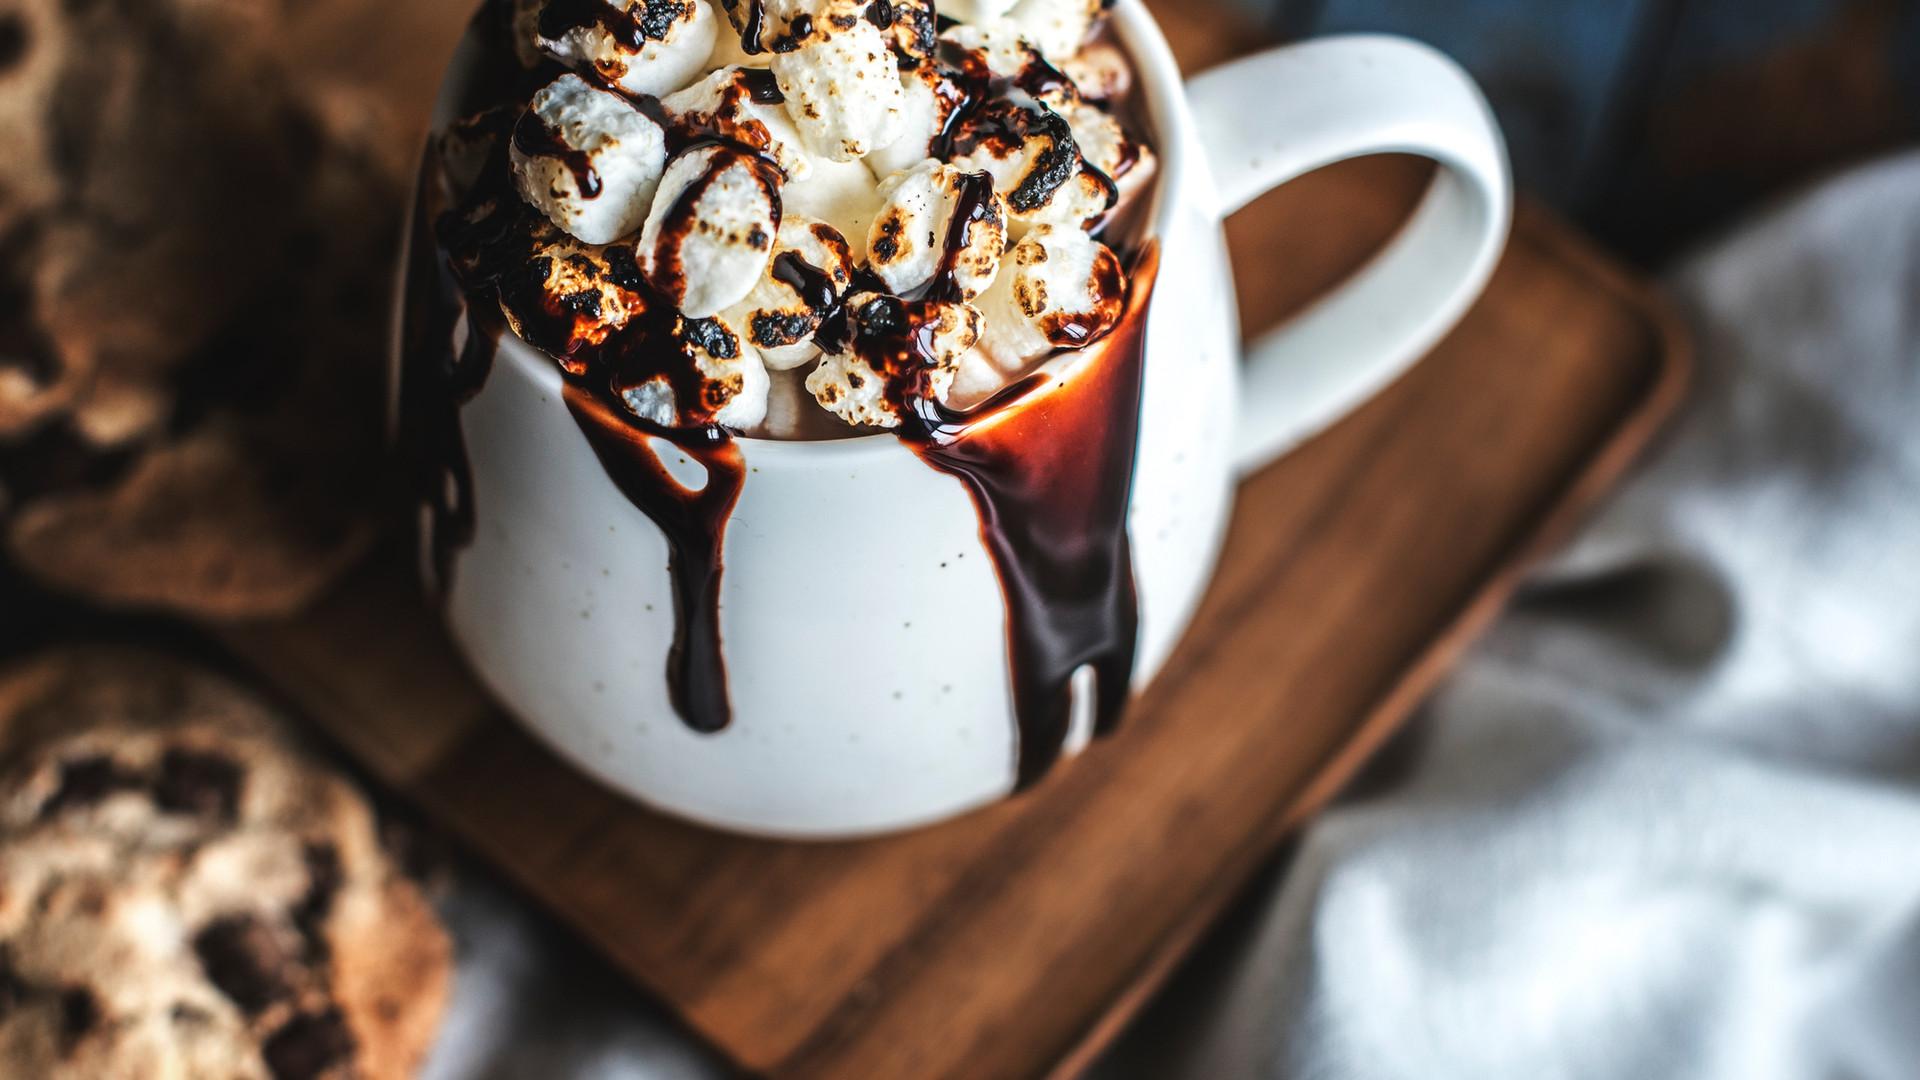 Marshmallow ile sıcak çikolata